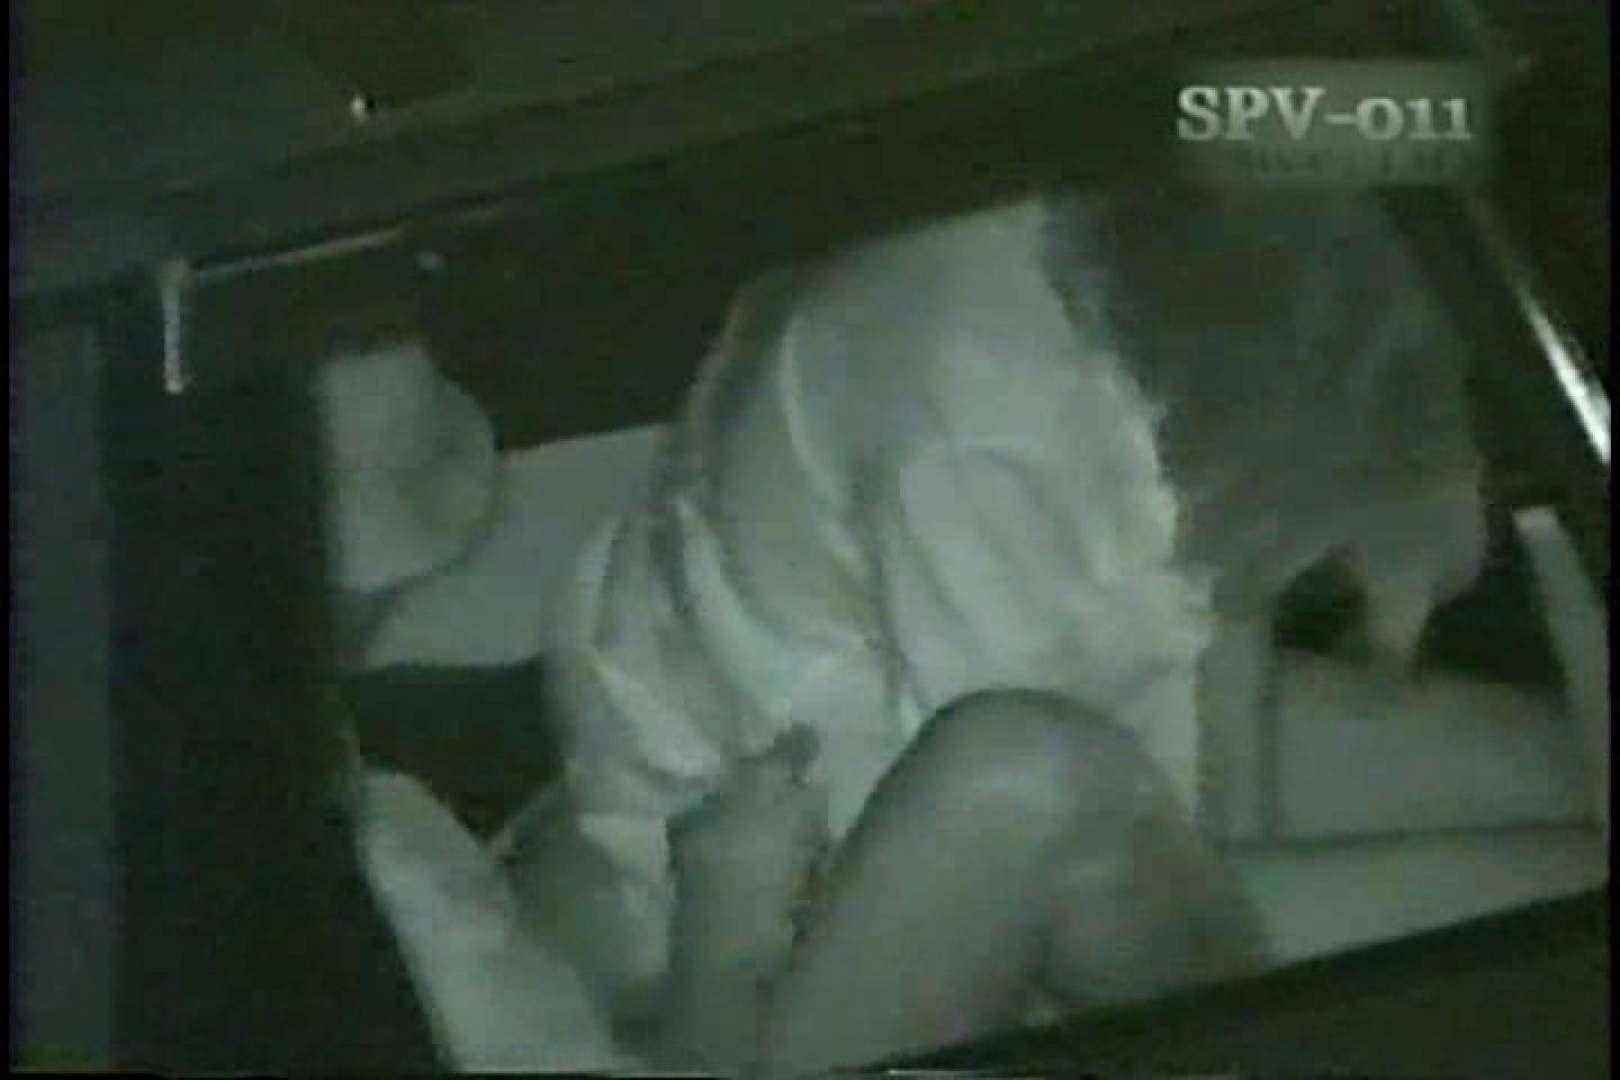 高画質版!SPD-011 盗撮 カーセックス黙示録 (VHS) 盗撮   名作  63pic 15